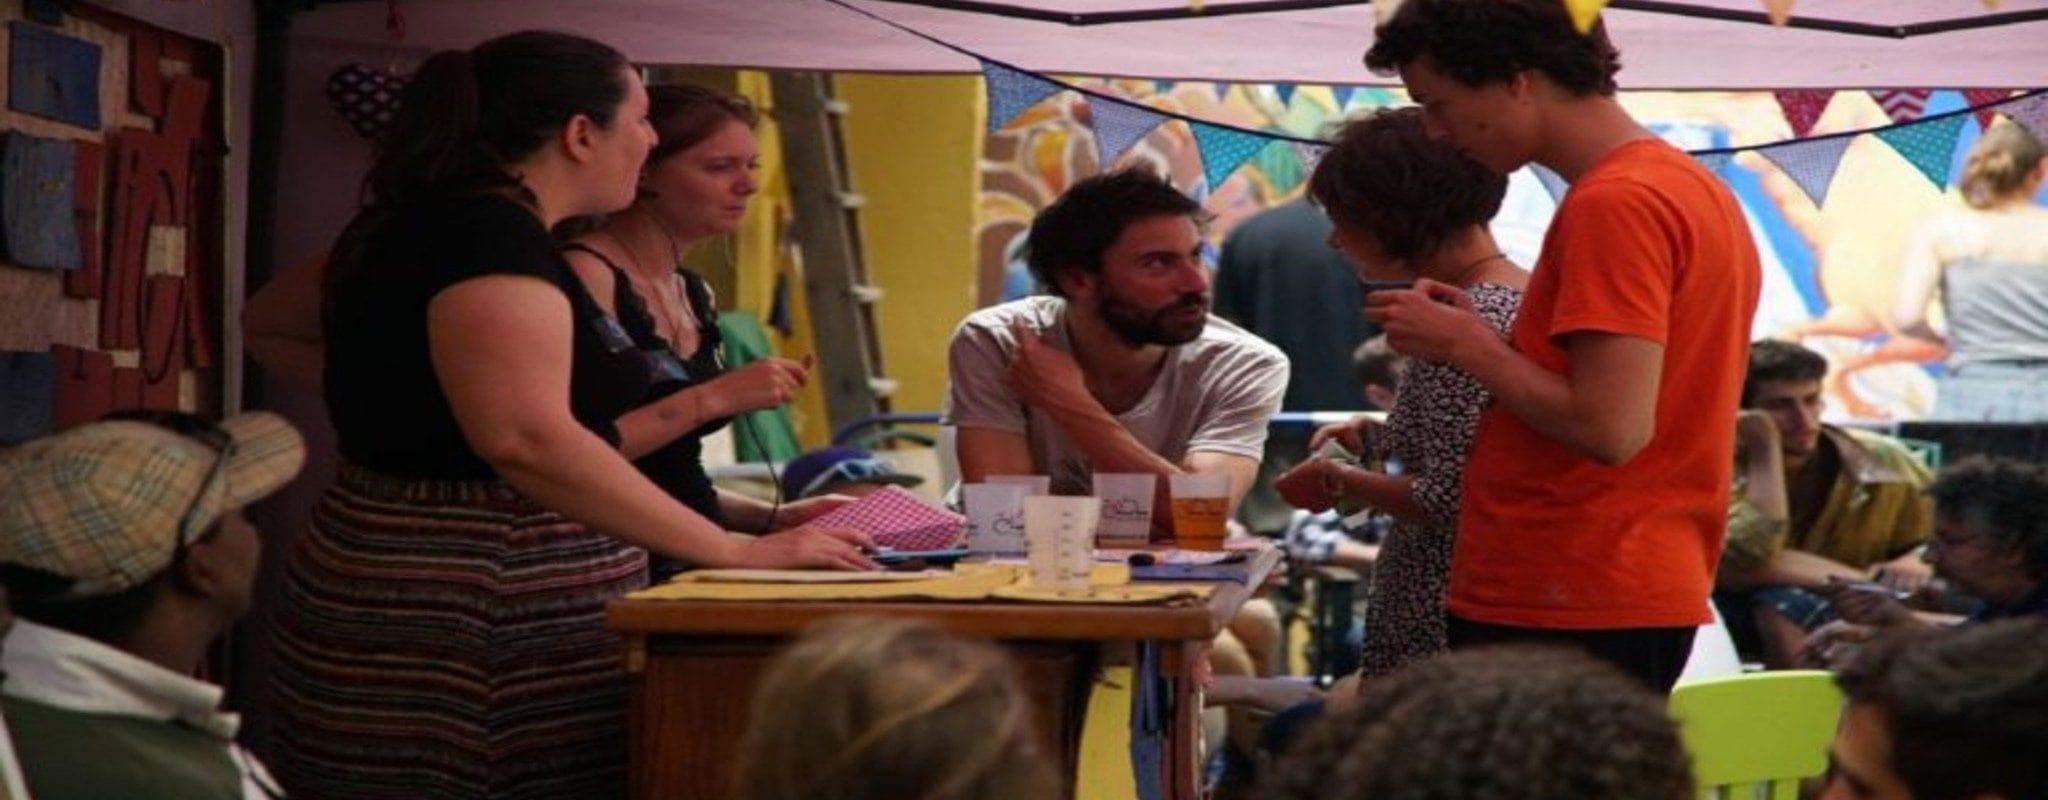 Équinoxe, un festival de micro-théâtre à la Maison Mimir ce week-end